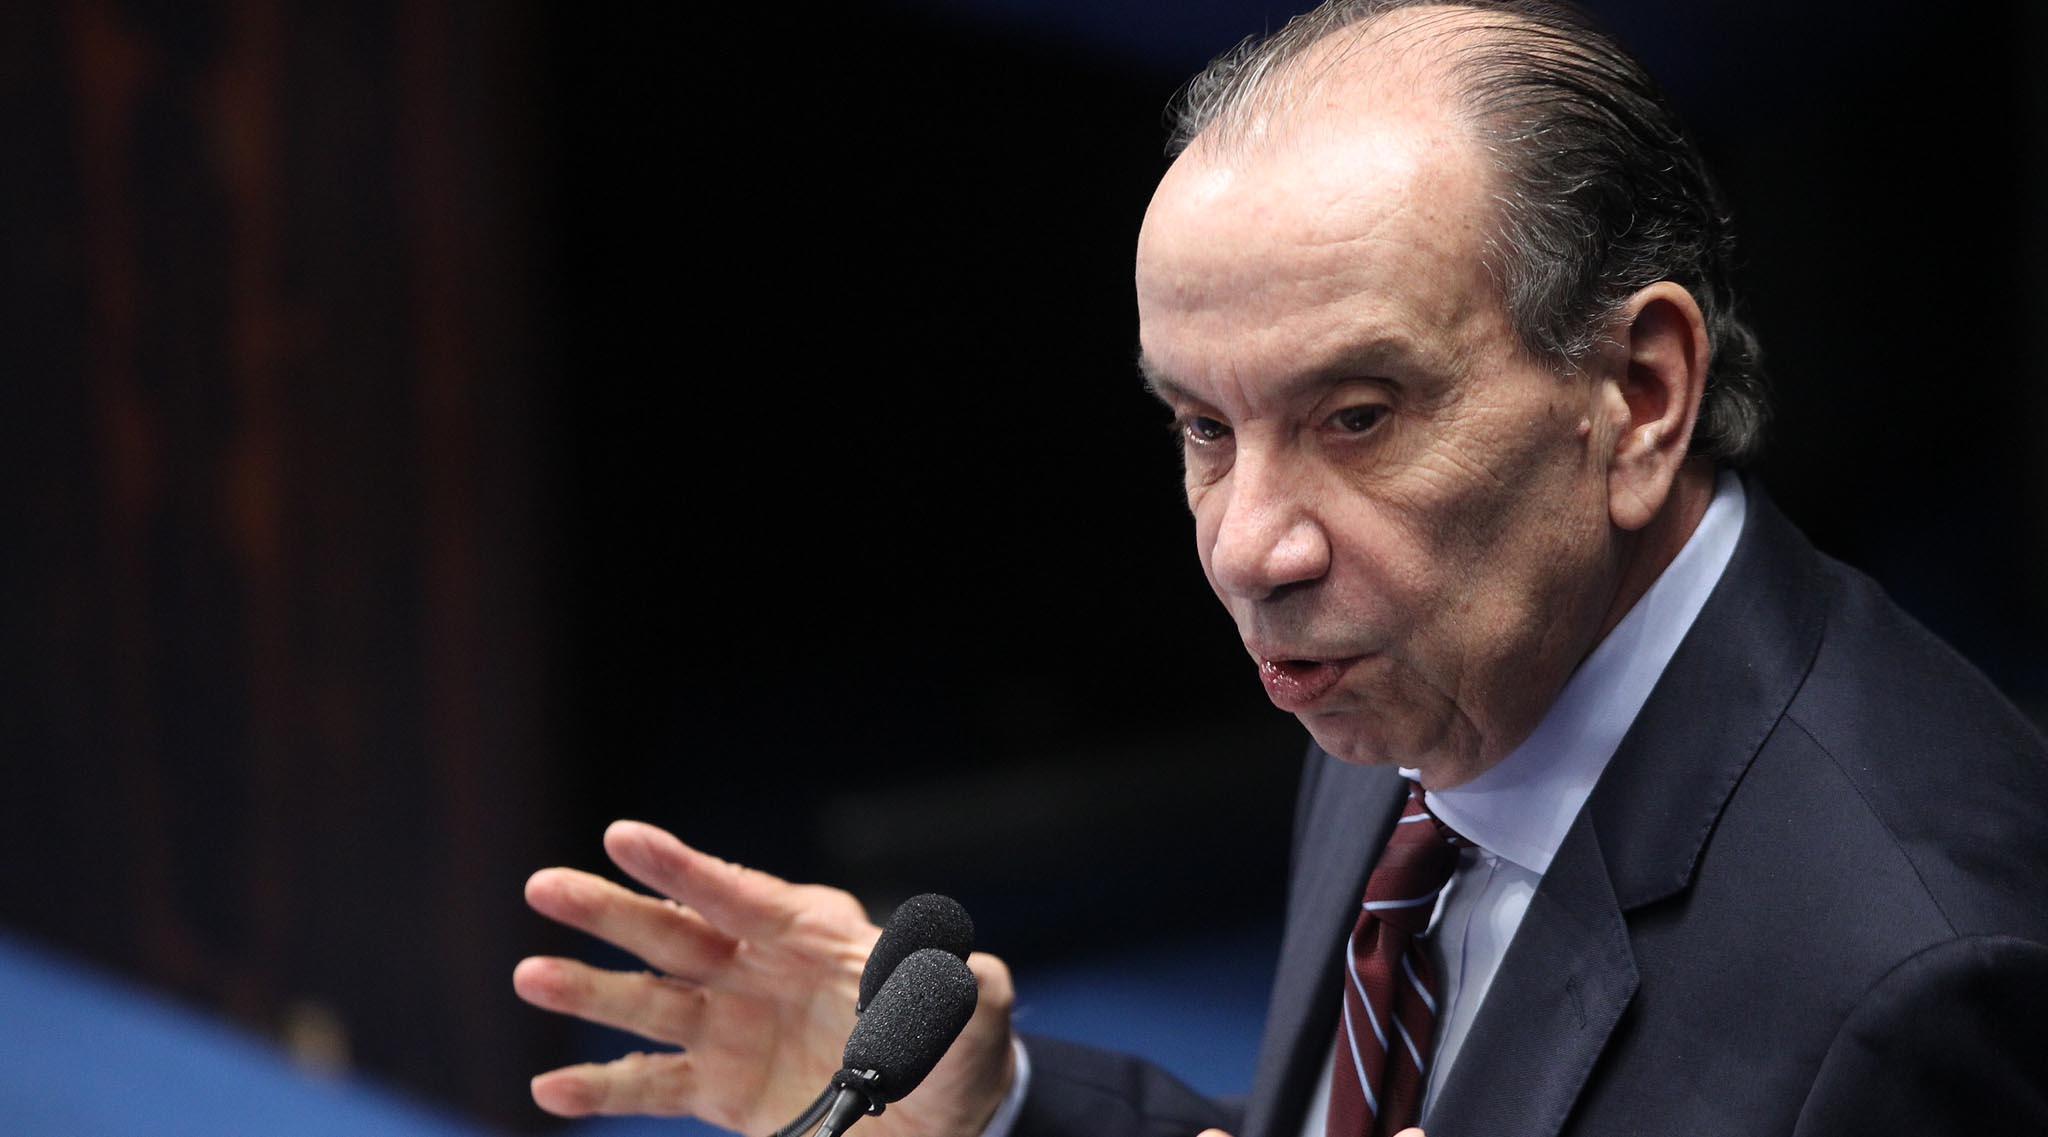 """El ministro Aloysio Nunes aseguró que tal posición """"es incompatible con el deseo de negociación que el Gobierno manifestó en el diálogo"""""""